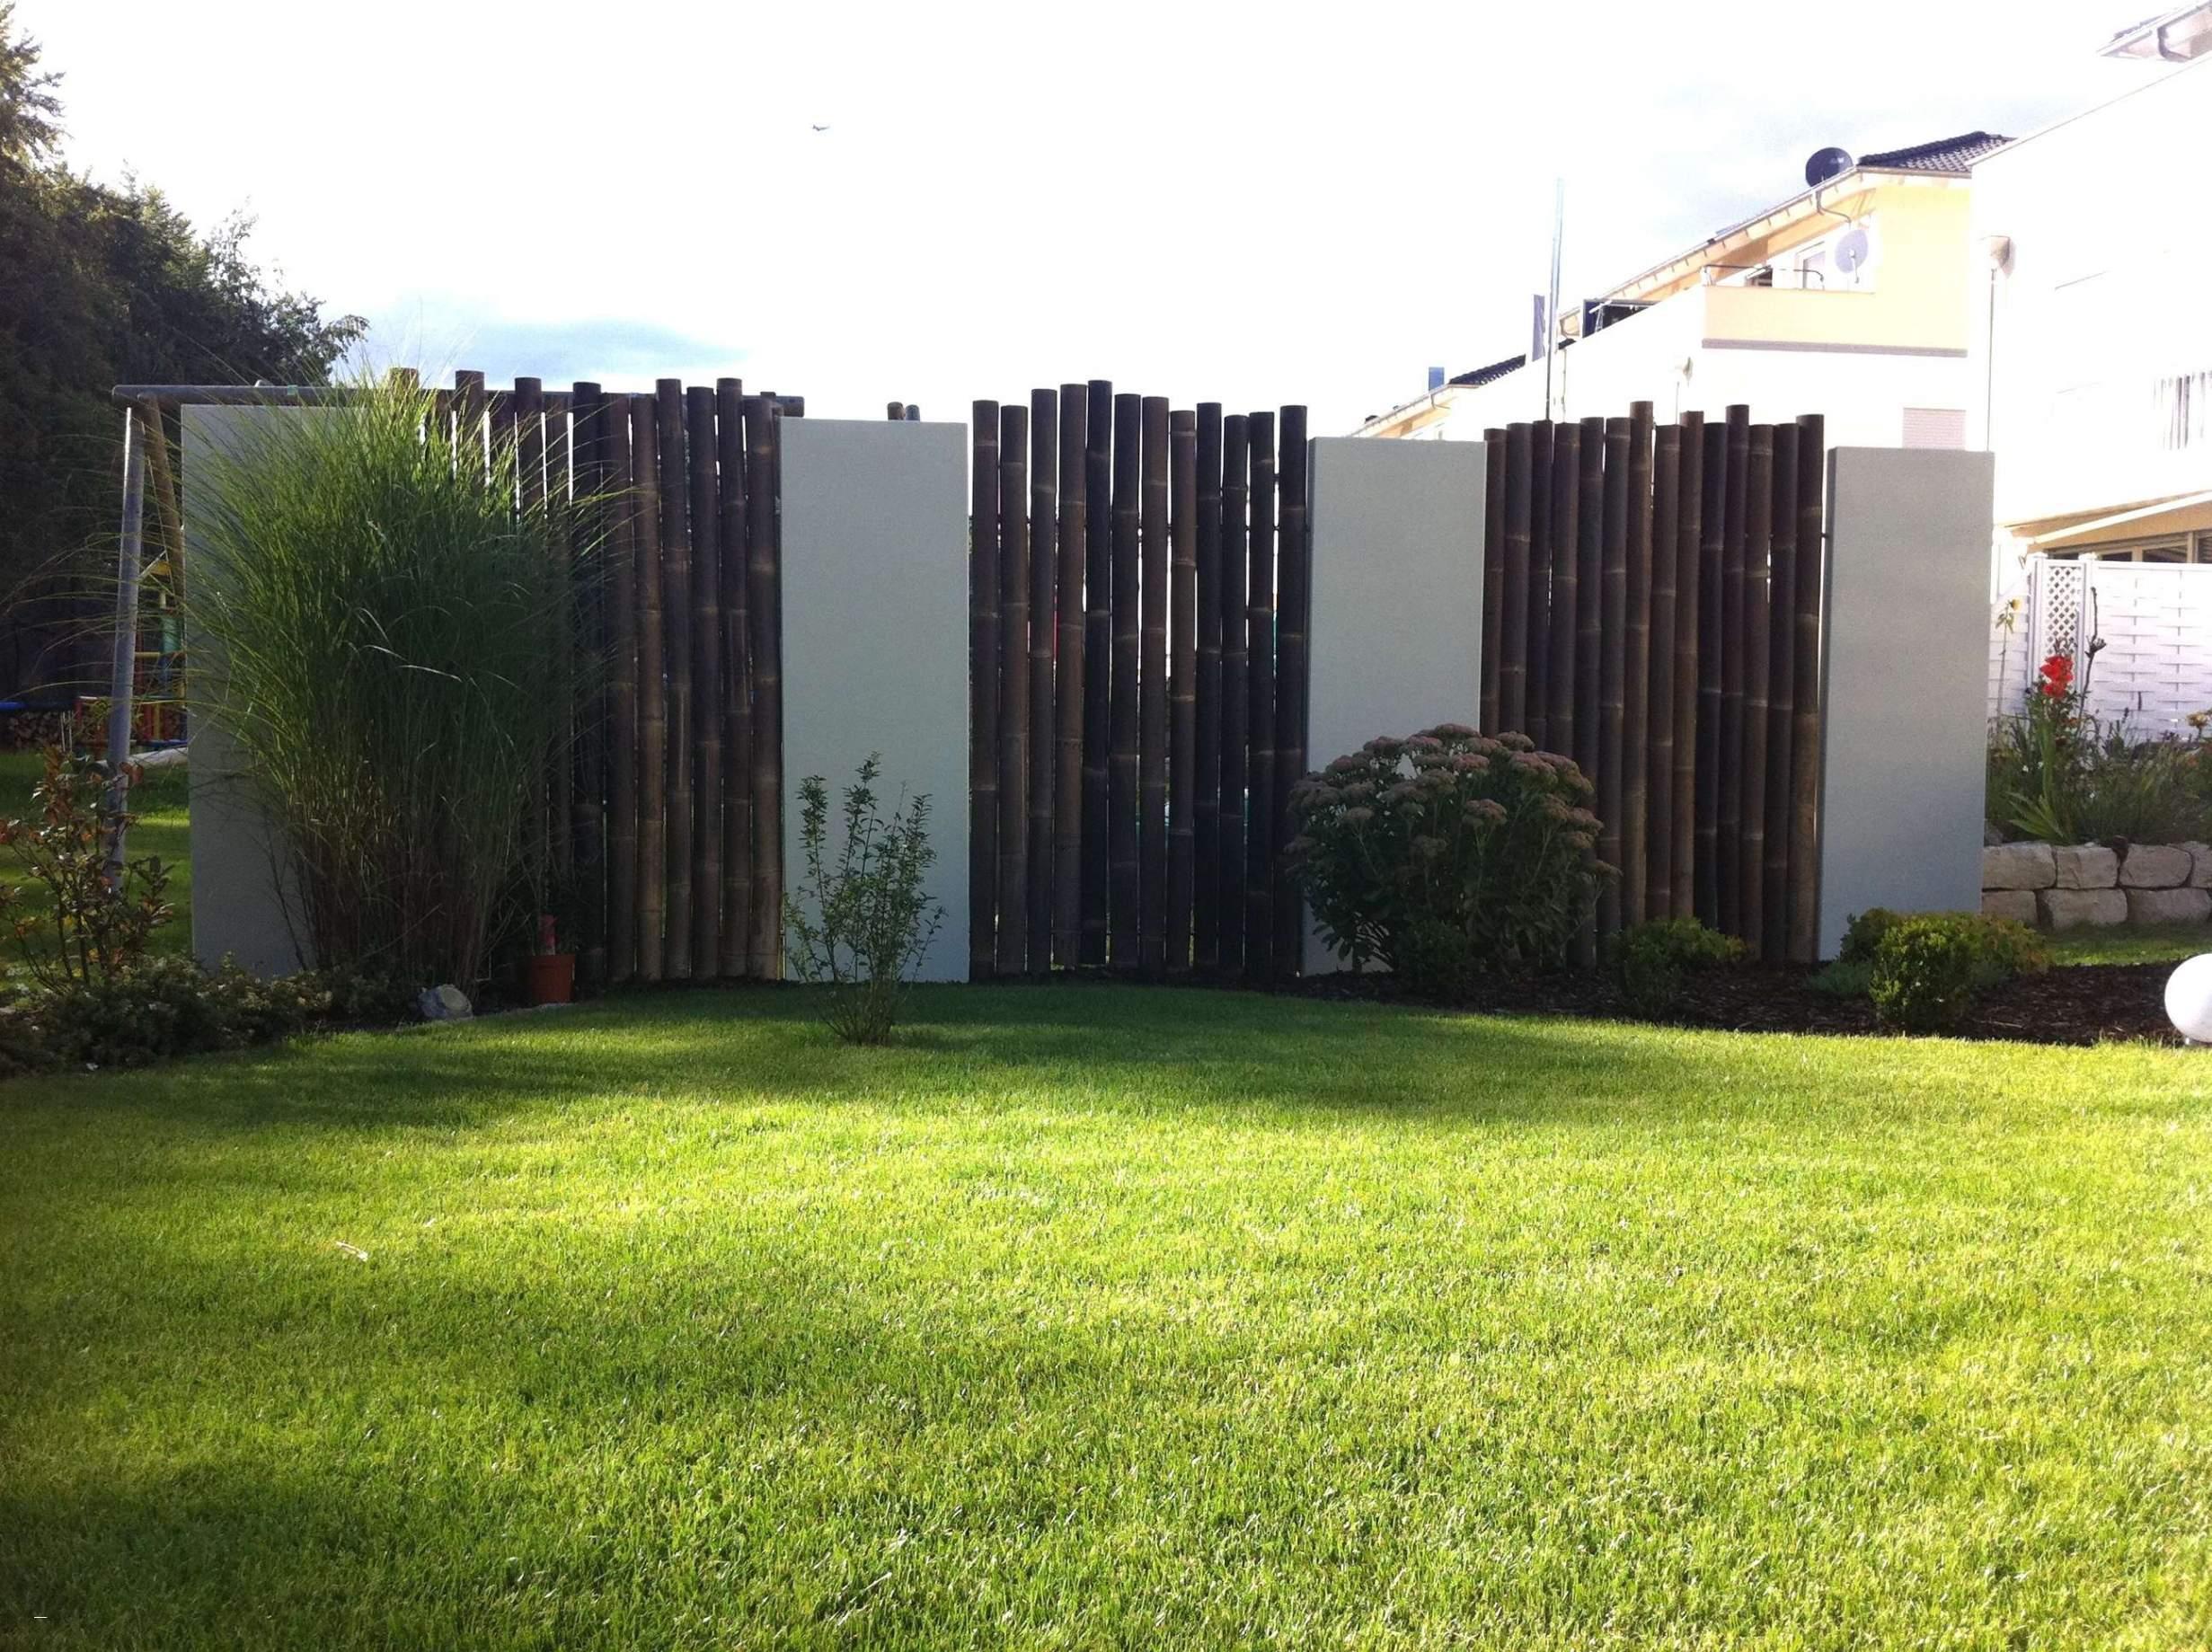 inspirierend terrasse sichtschutz terrasse sichtschutz 0d s design pflanzen als sichtschutz terrasse pflanzen als sichtschutz terrasse